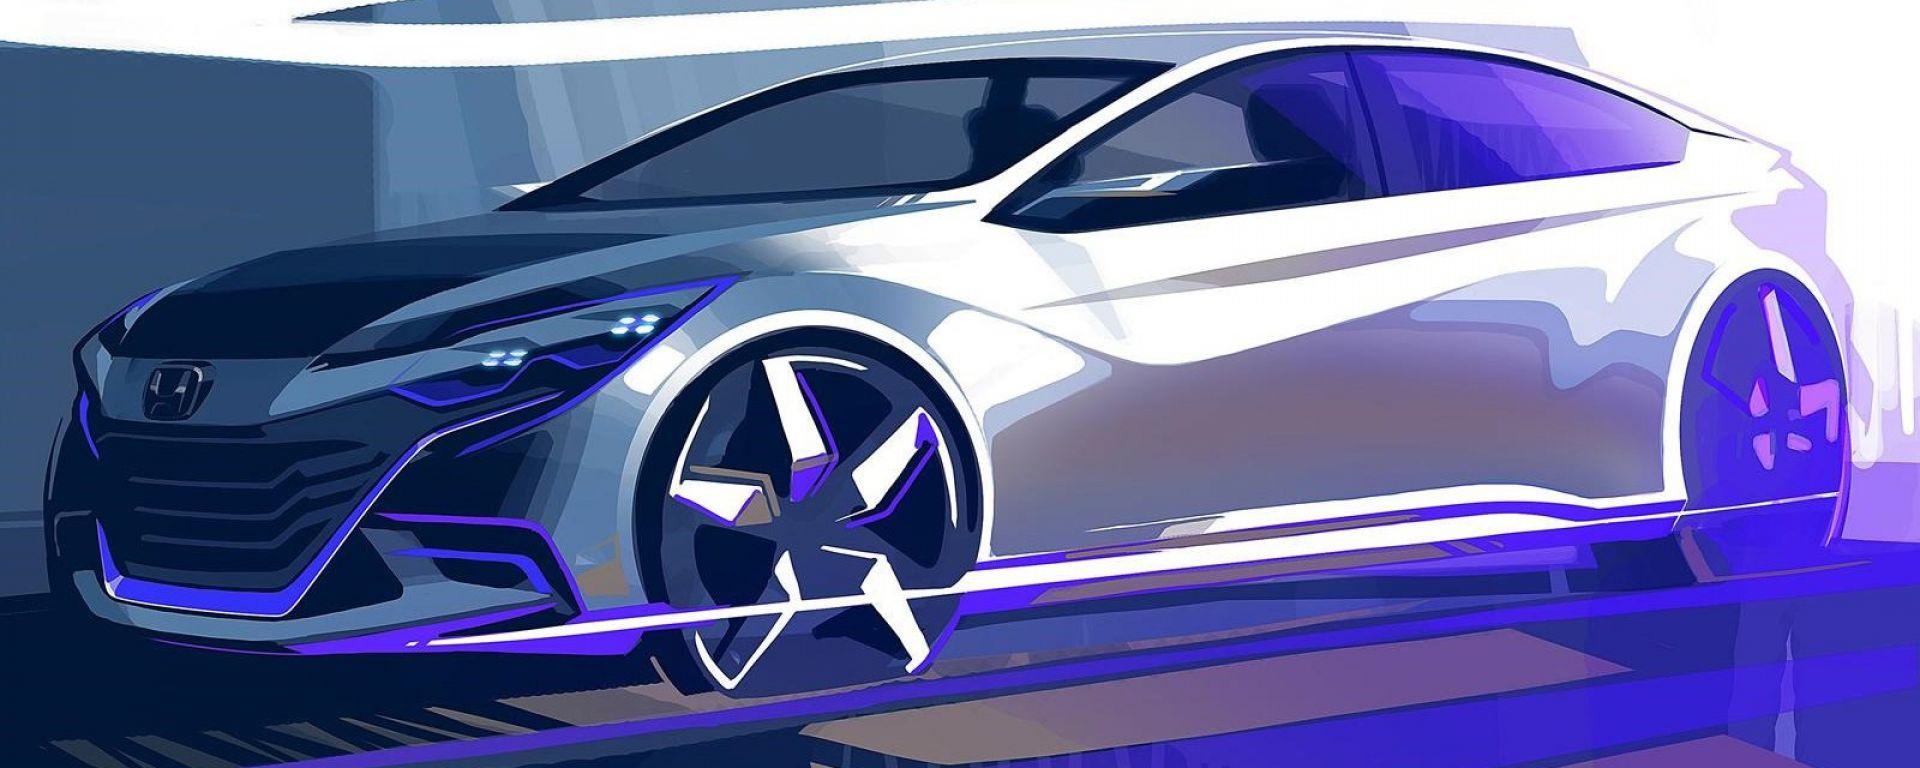 Honda, due concept per il Salone di Pechino